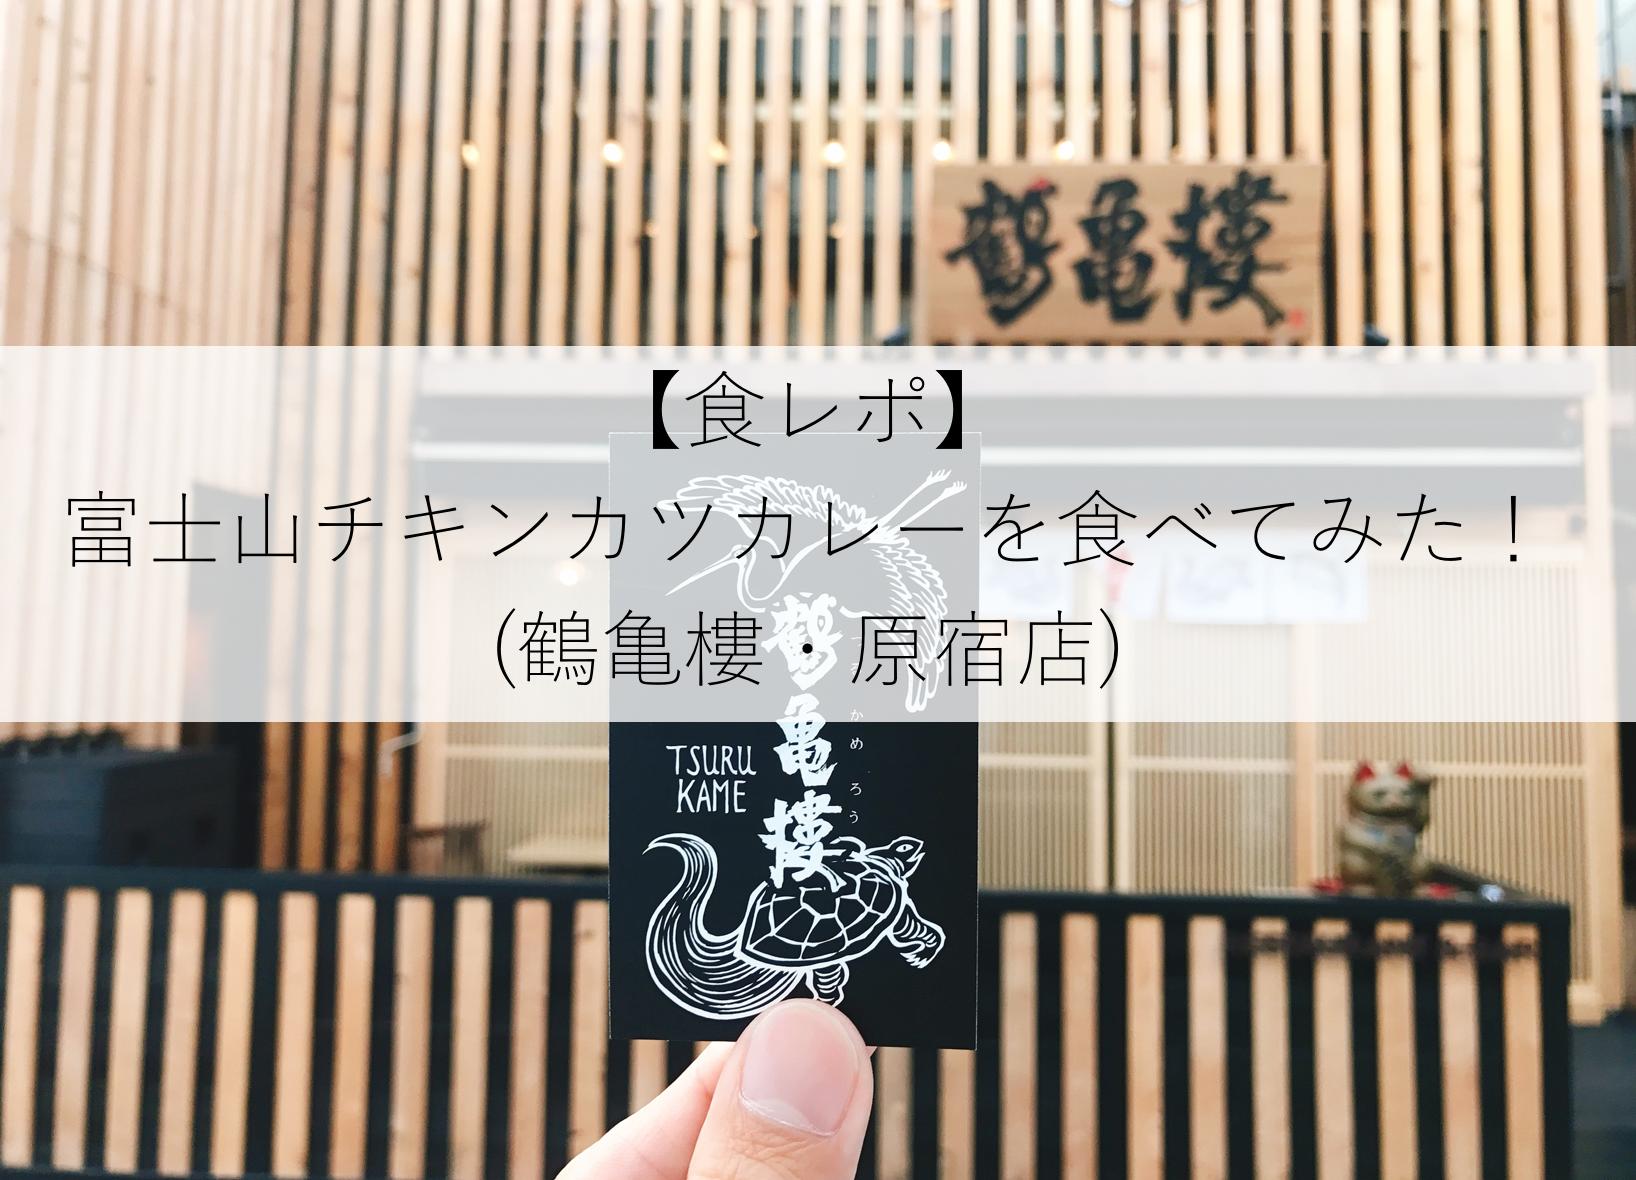 【食レポ】カレー好きにおすすめ!富士山チキンカツカレーを食べてみた!(鶴亀樓・原宿店)